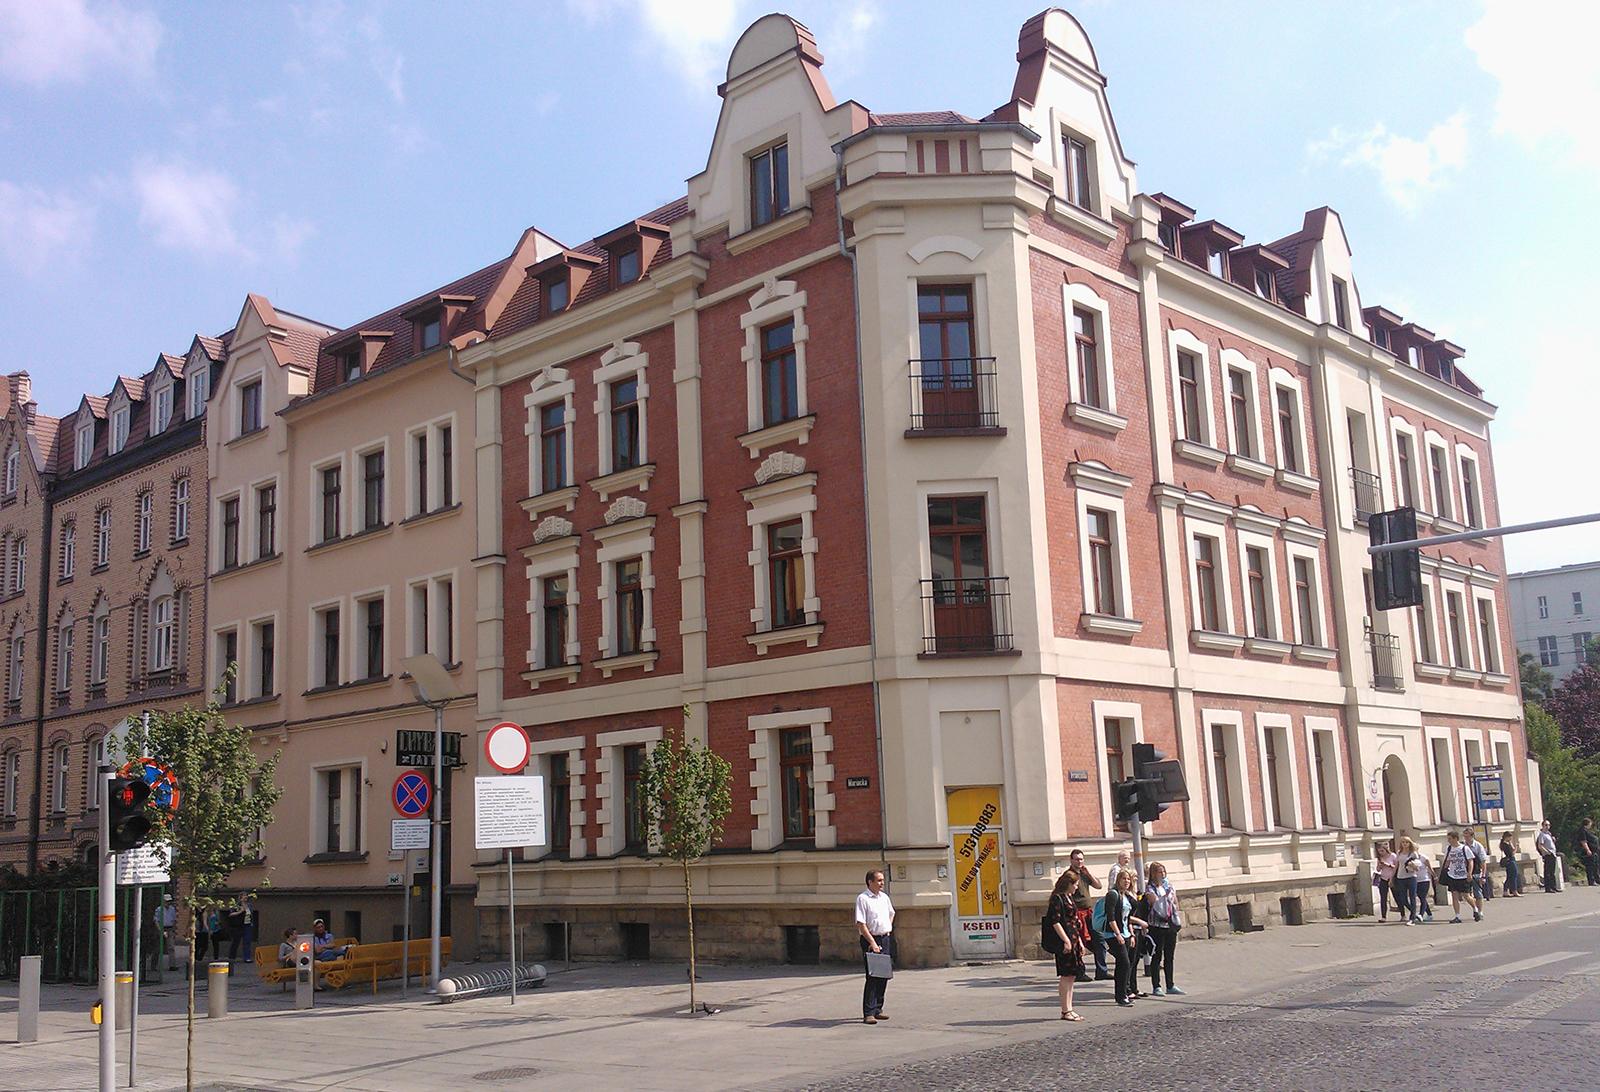 Severyn Projekt - Remont i przebudowa kamienic miejskich mieszkalno - usługowych